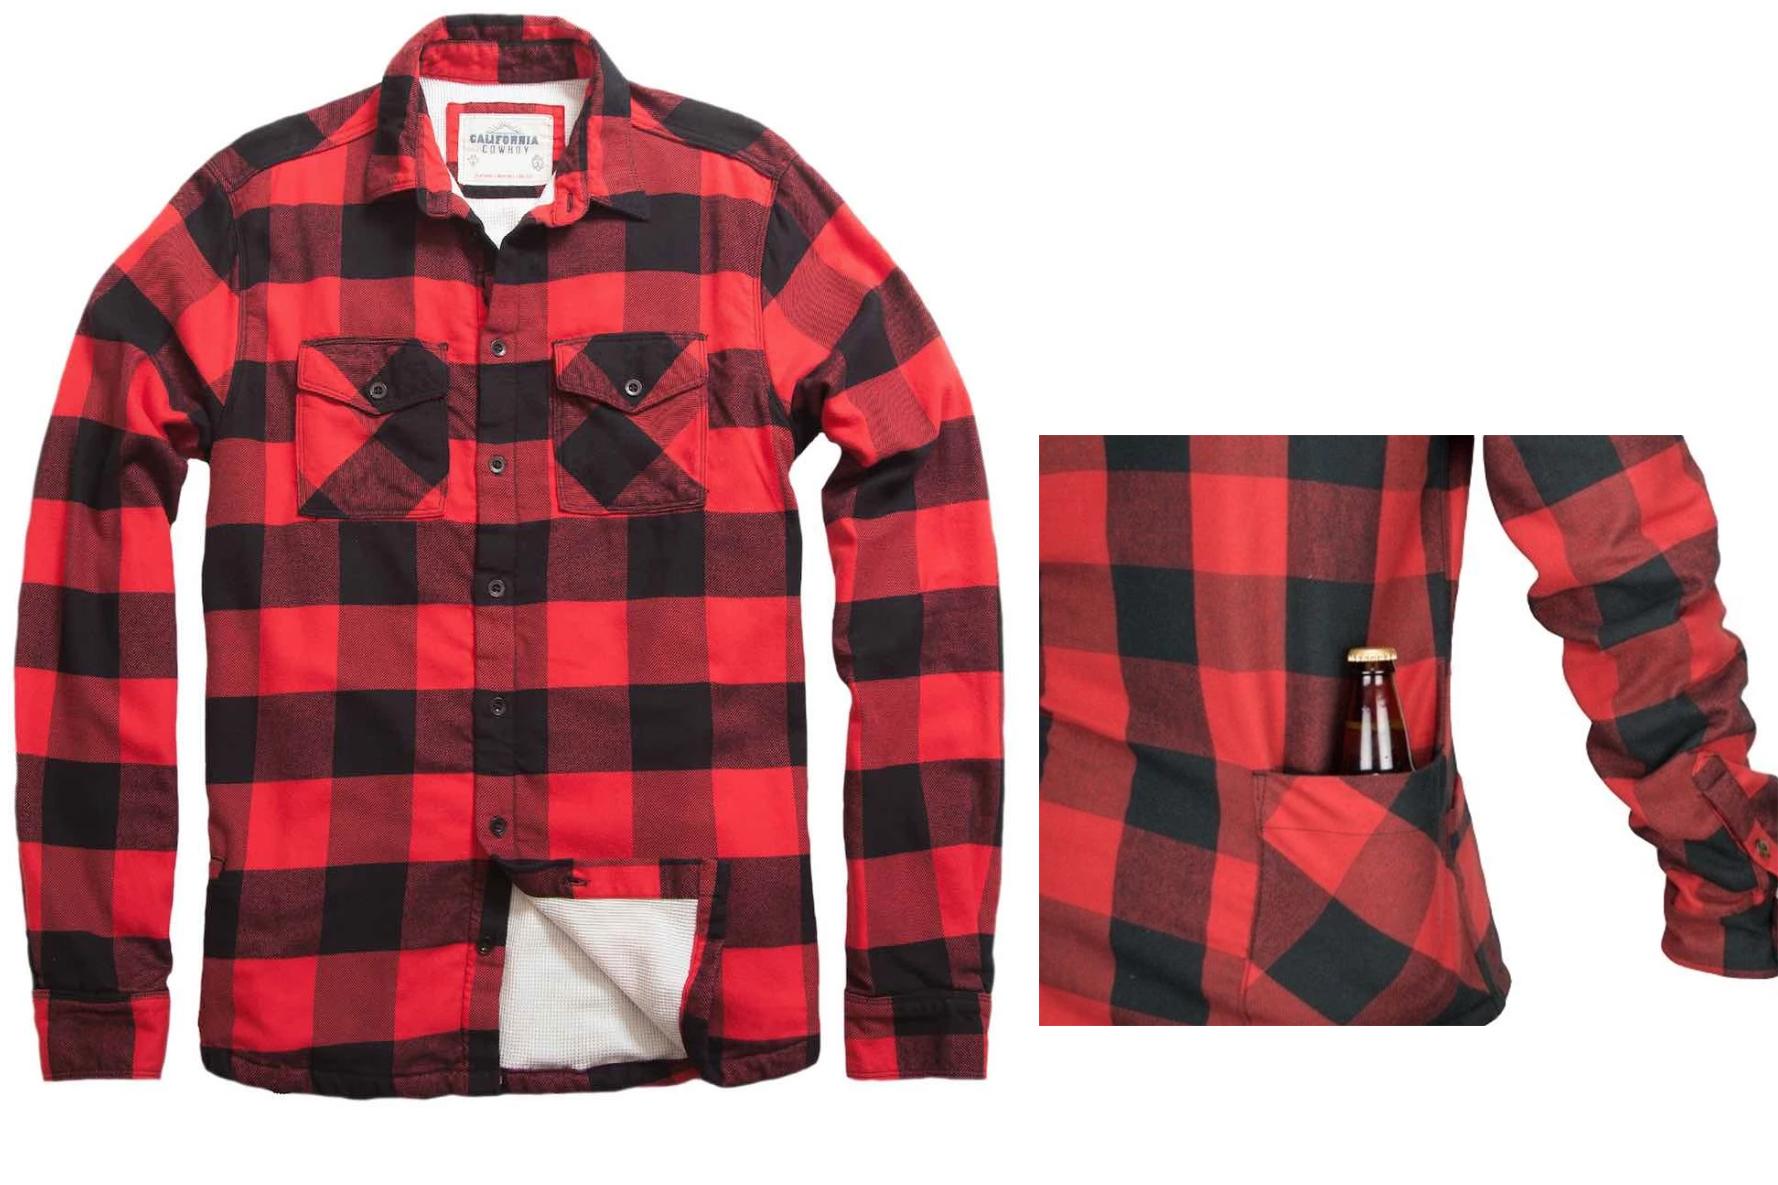 california-cowboy-flannel